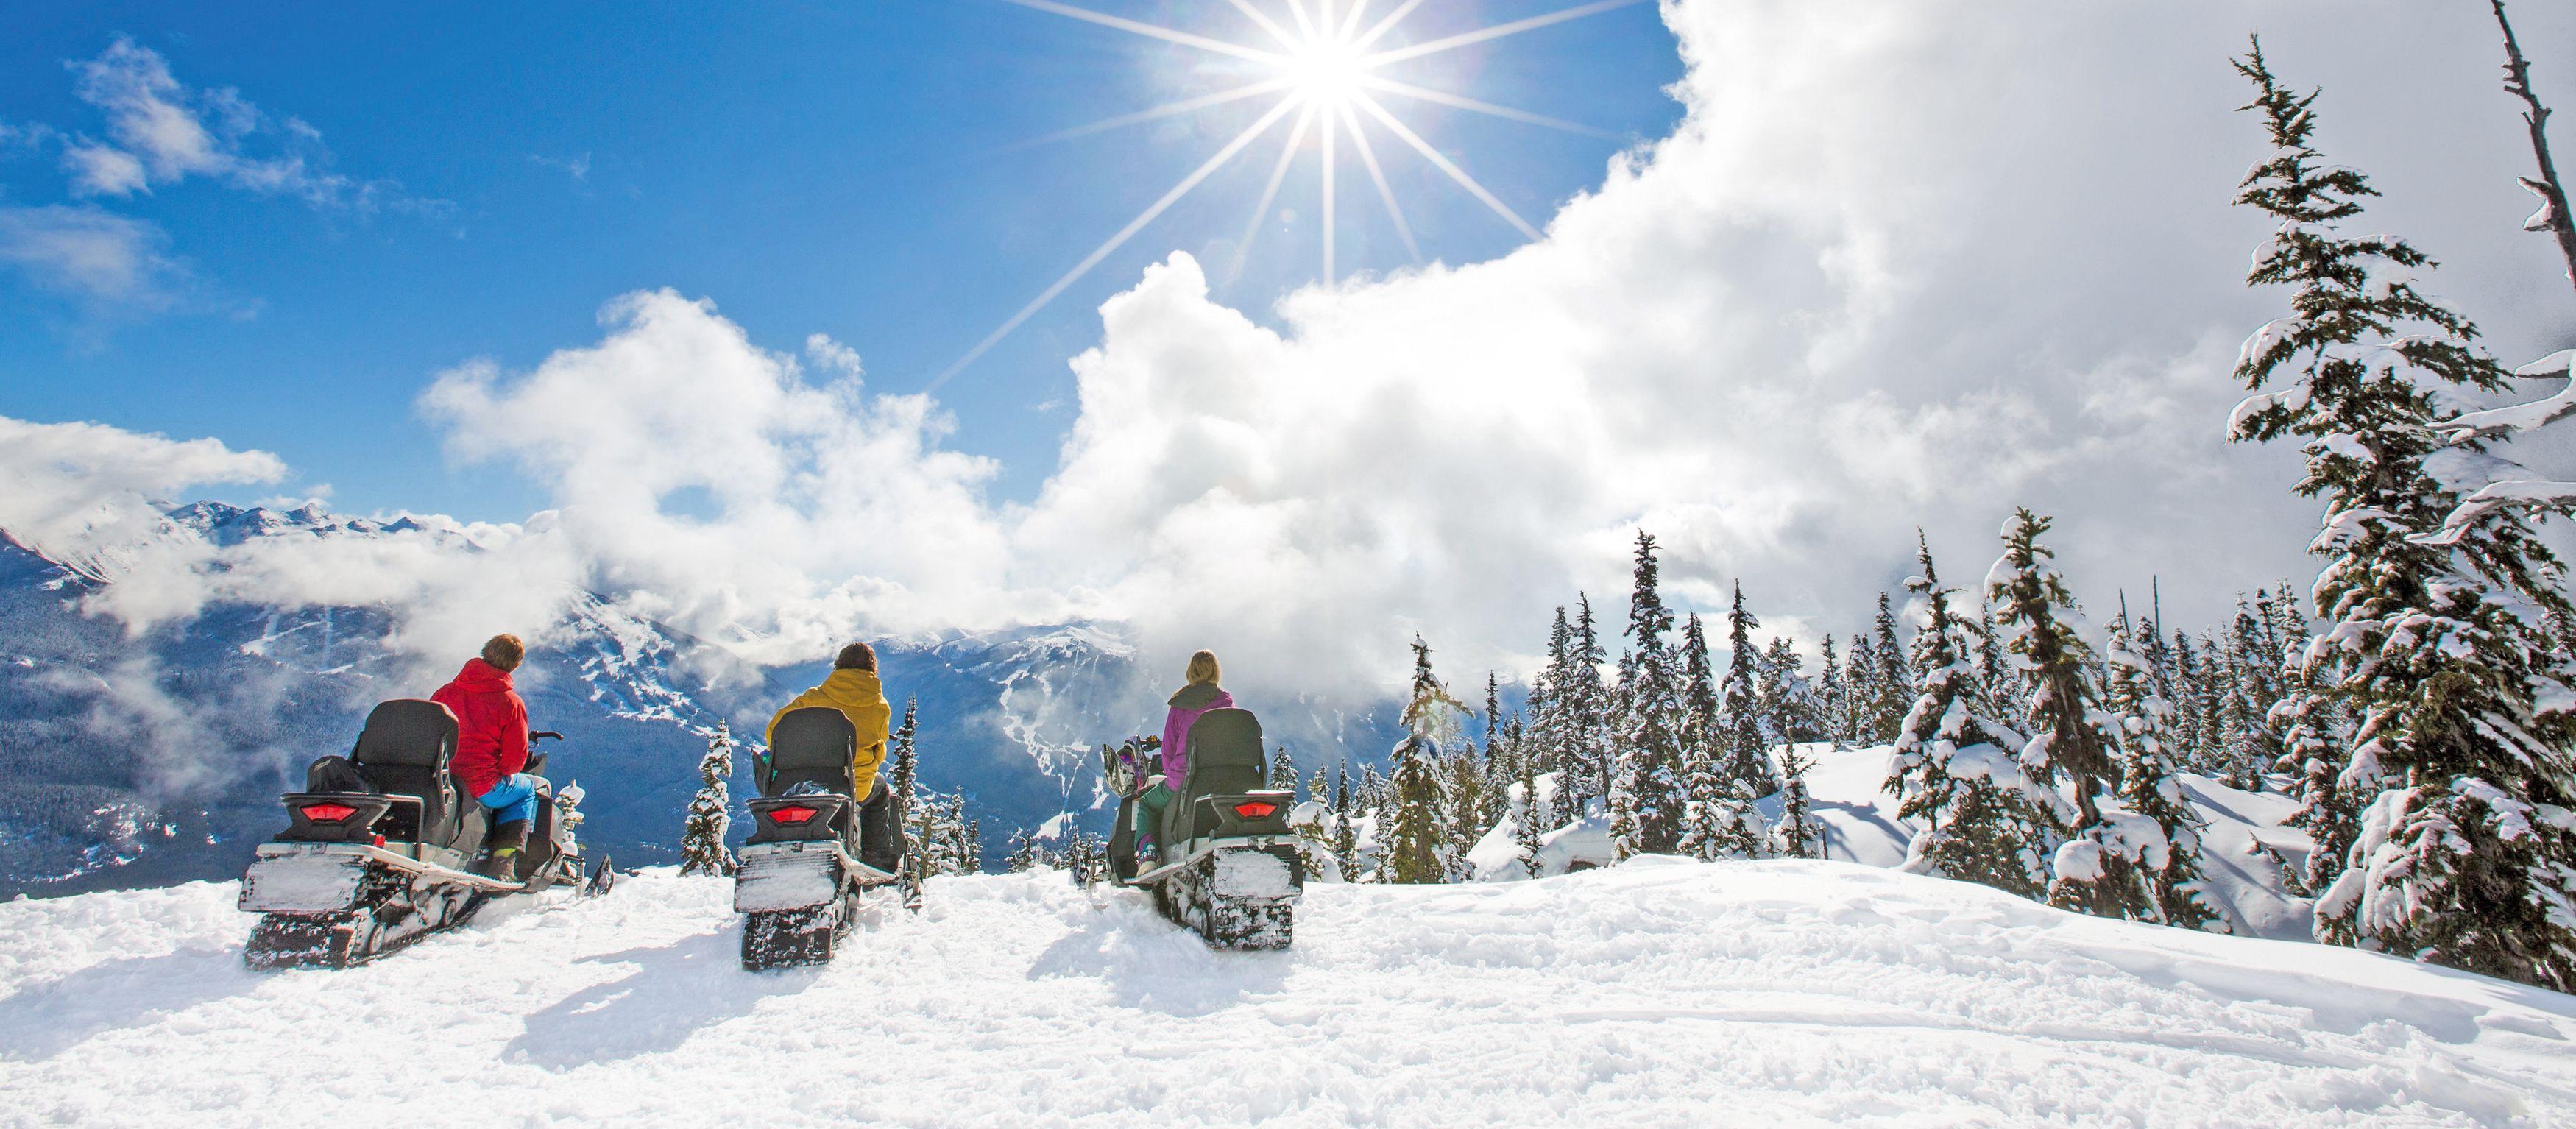 Bei sonnigem Wetter mit dem Schneemobil durch die Natur Whistlers